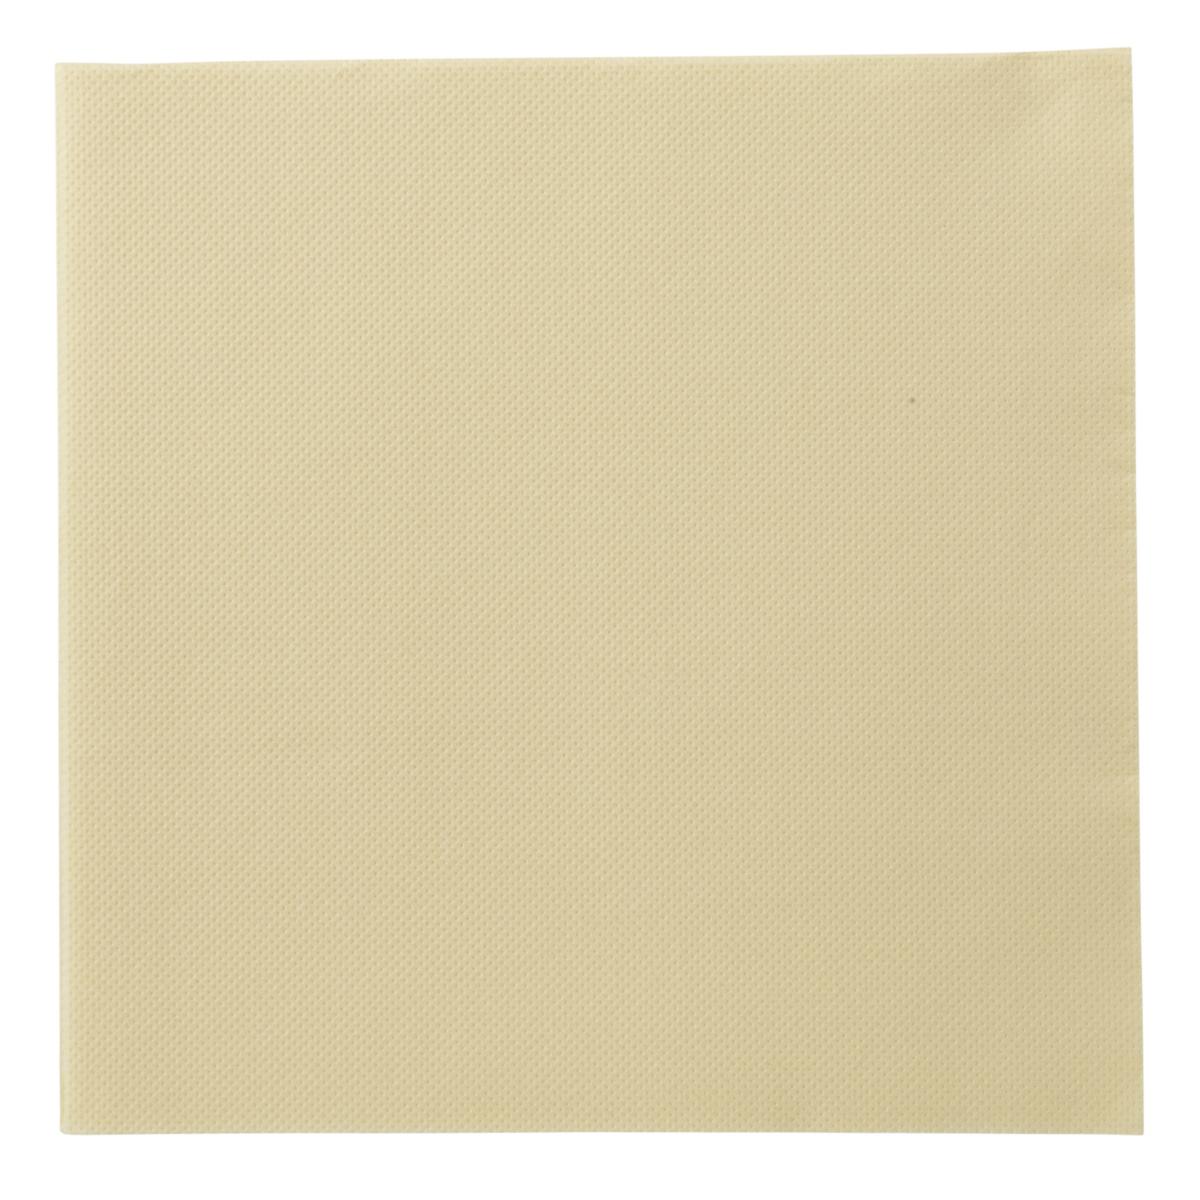 Serviette ivoire ouate de cellulose 38x38 cm Lisah Pro.mundi (50 pièces)